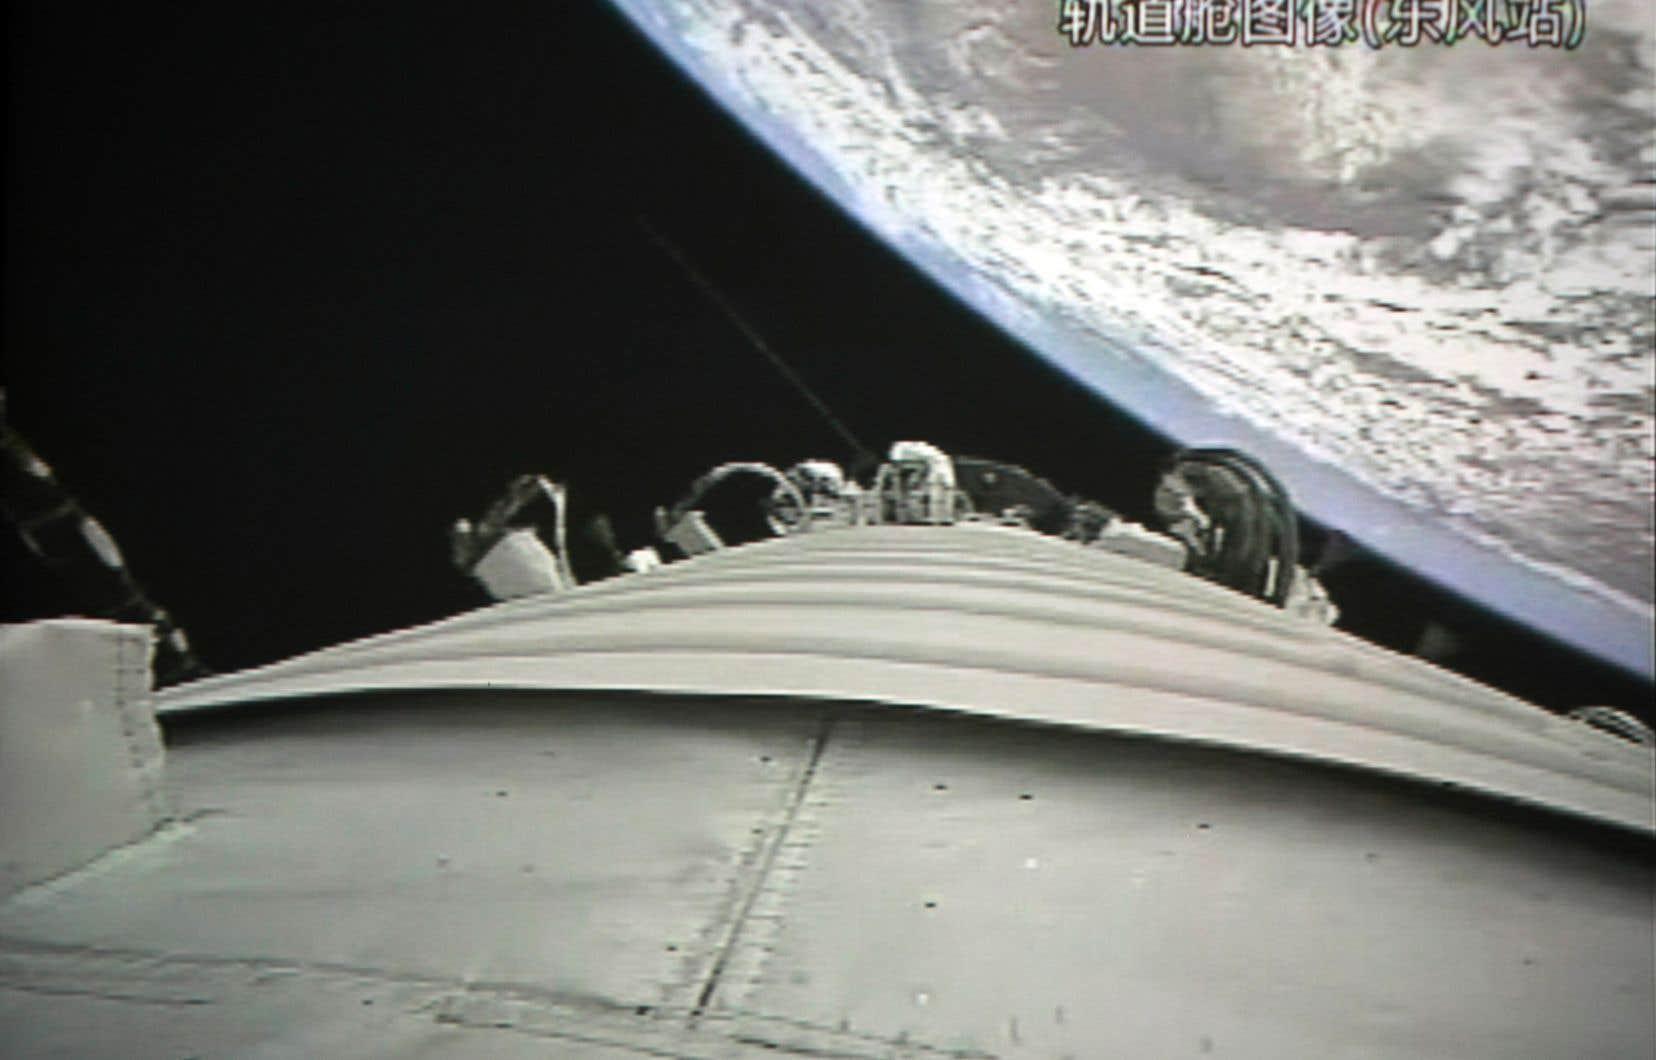 Lancée en 2011, <em>Tiangong 1</em> était la première station spatiale chinoise.